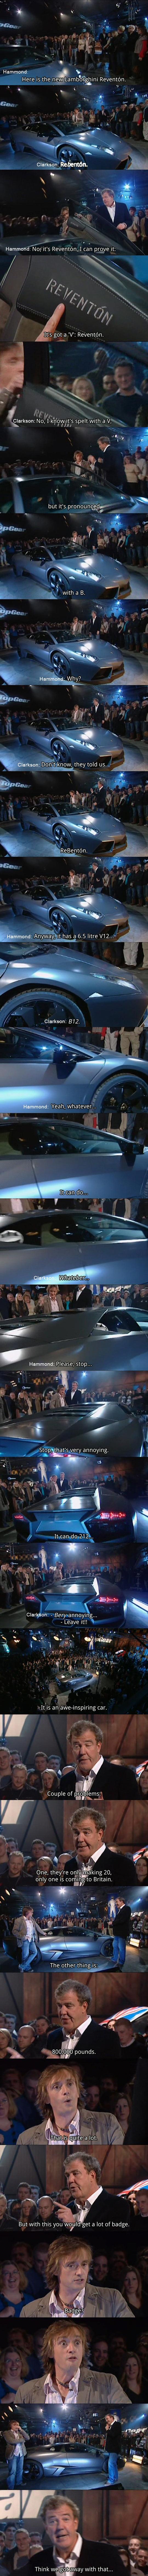 The New Lamborghini